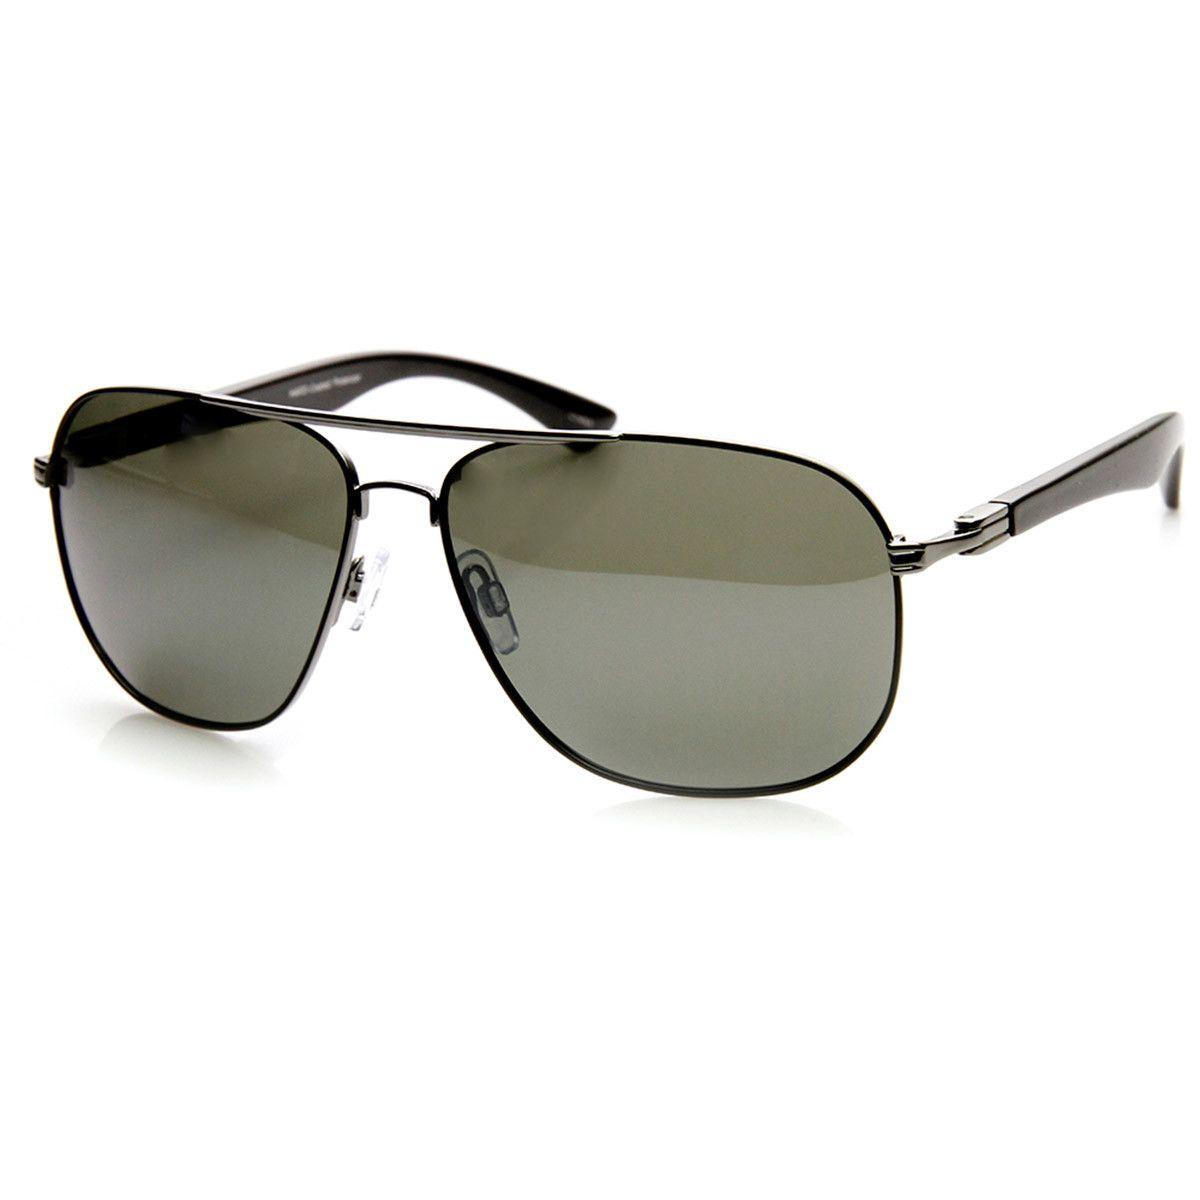 8599c26730 Polarized High Quality Contemporary Metal Aviator Sunglasses ...